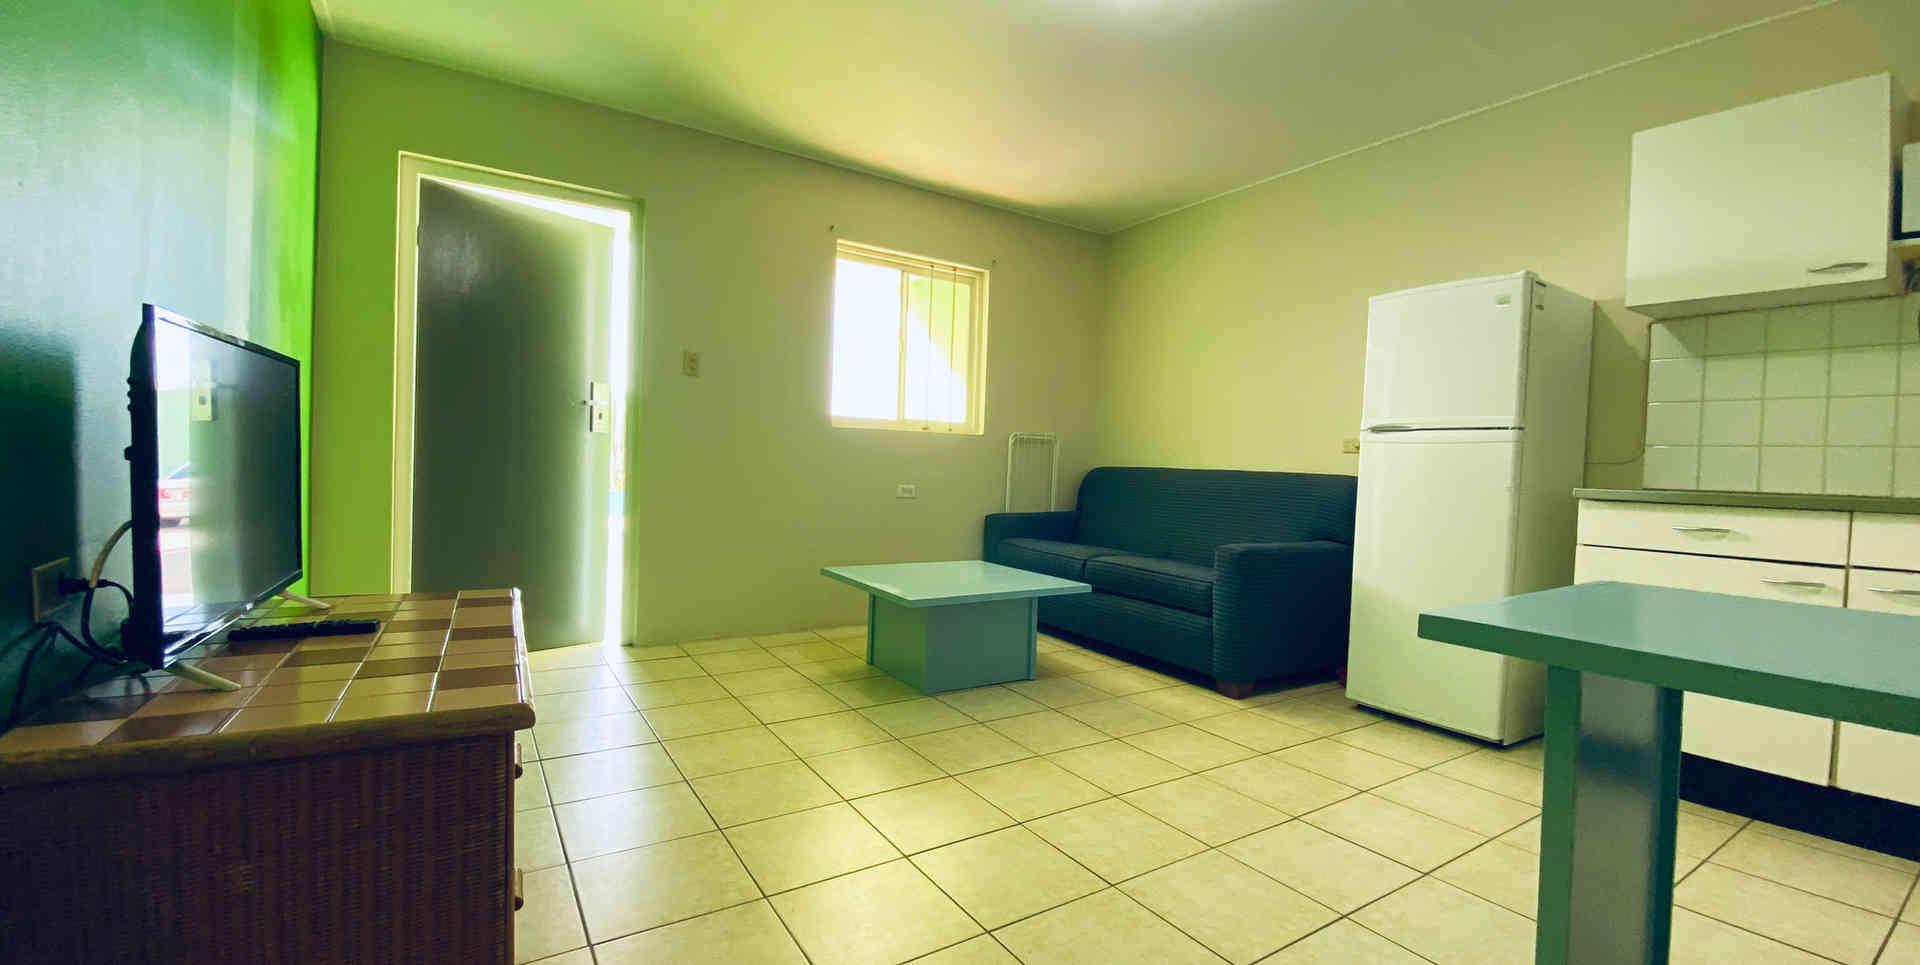 2020 studentenflat #108 woonkamer 3.jpg